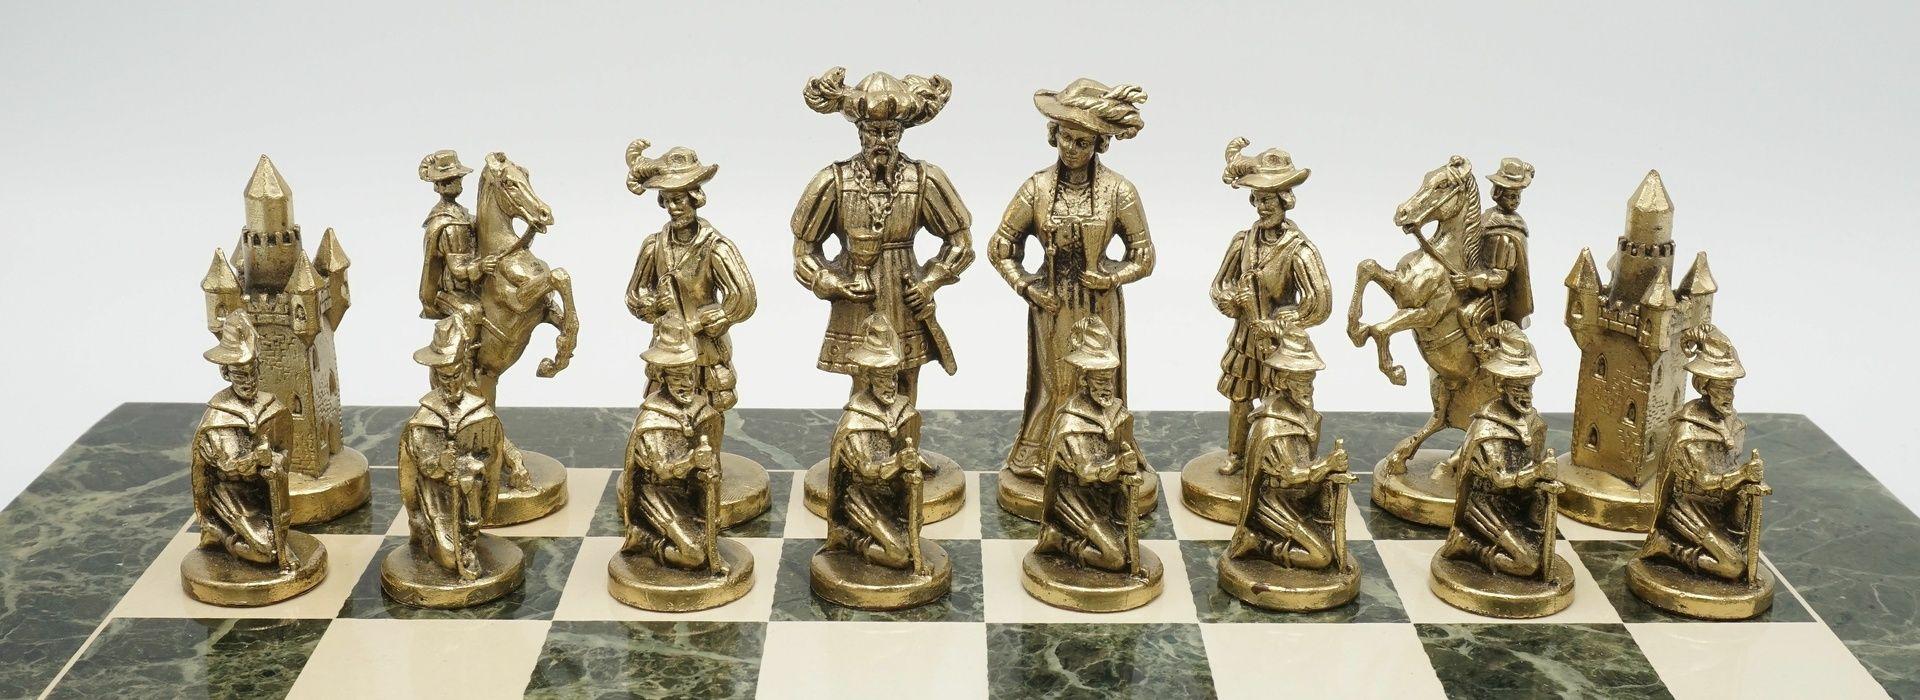 Marmor-Schachbrett mit Figuren in historischem Gewand, Ende 20. Jh. - Bild 4 aus 4